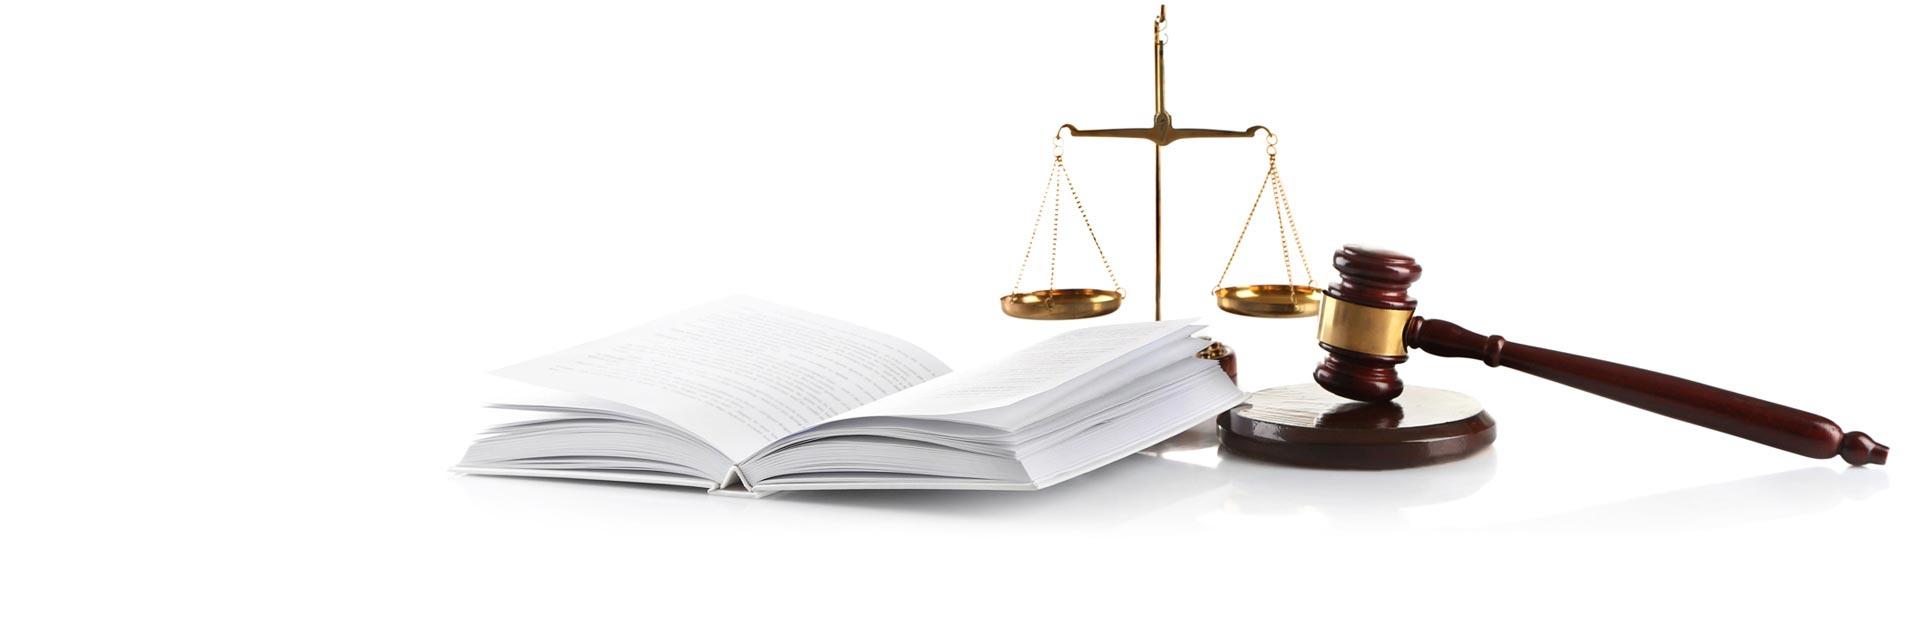 fondo-mazo-libro-justicia